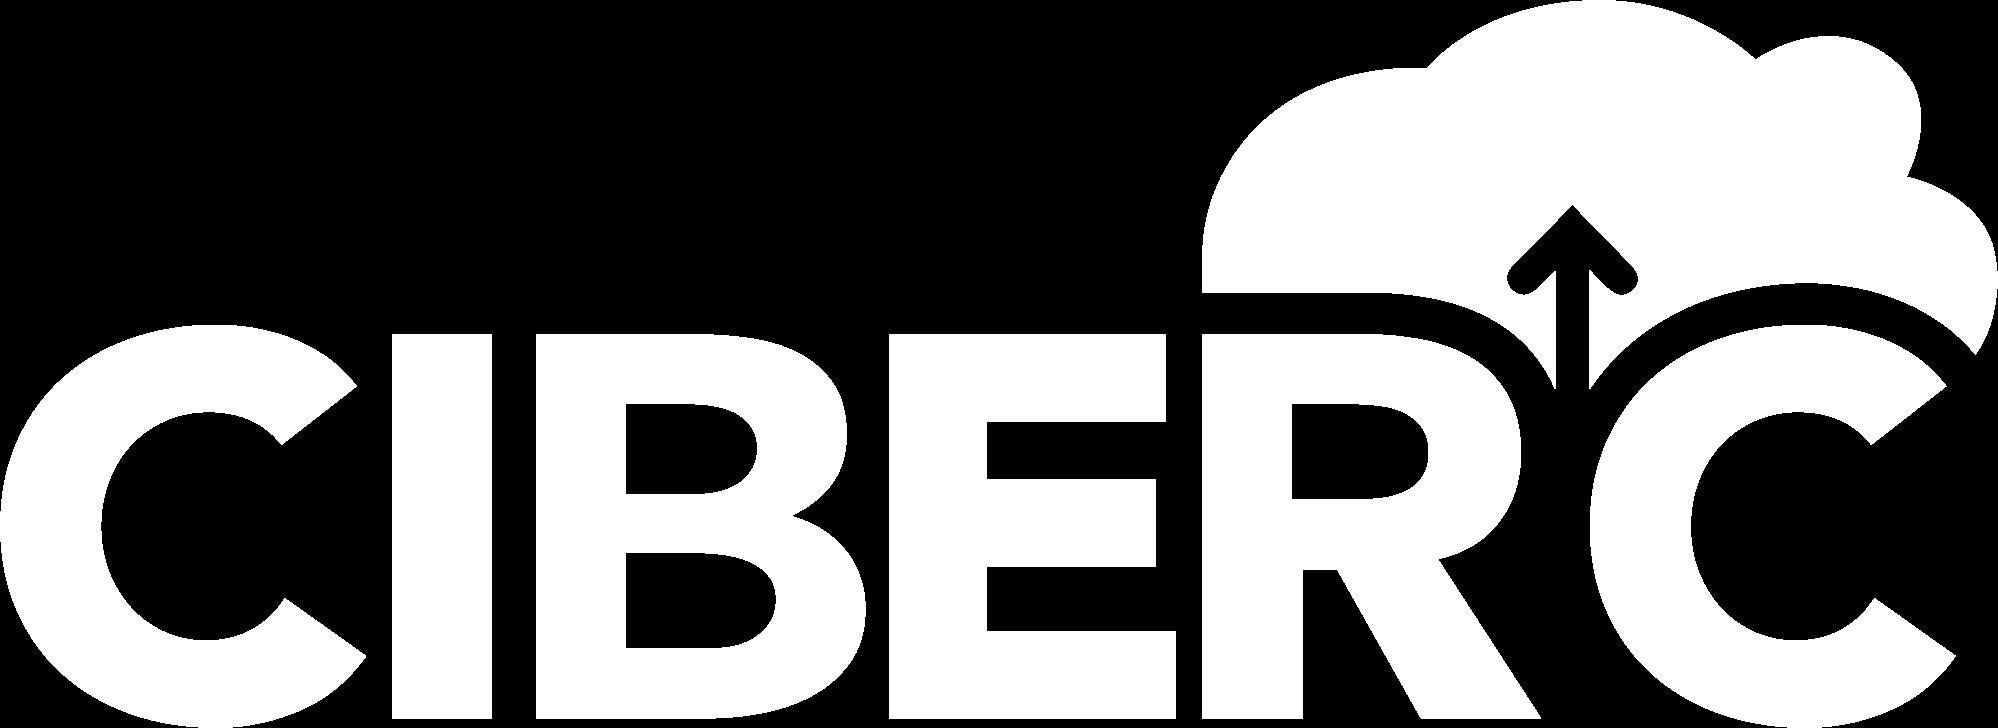 Newsletter CiberC